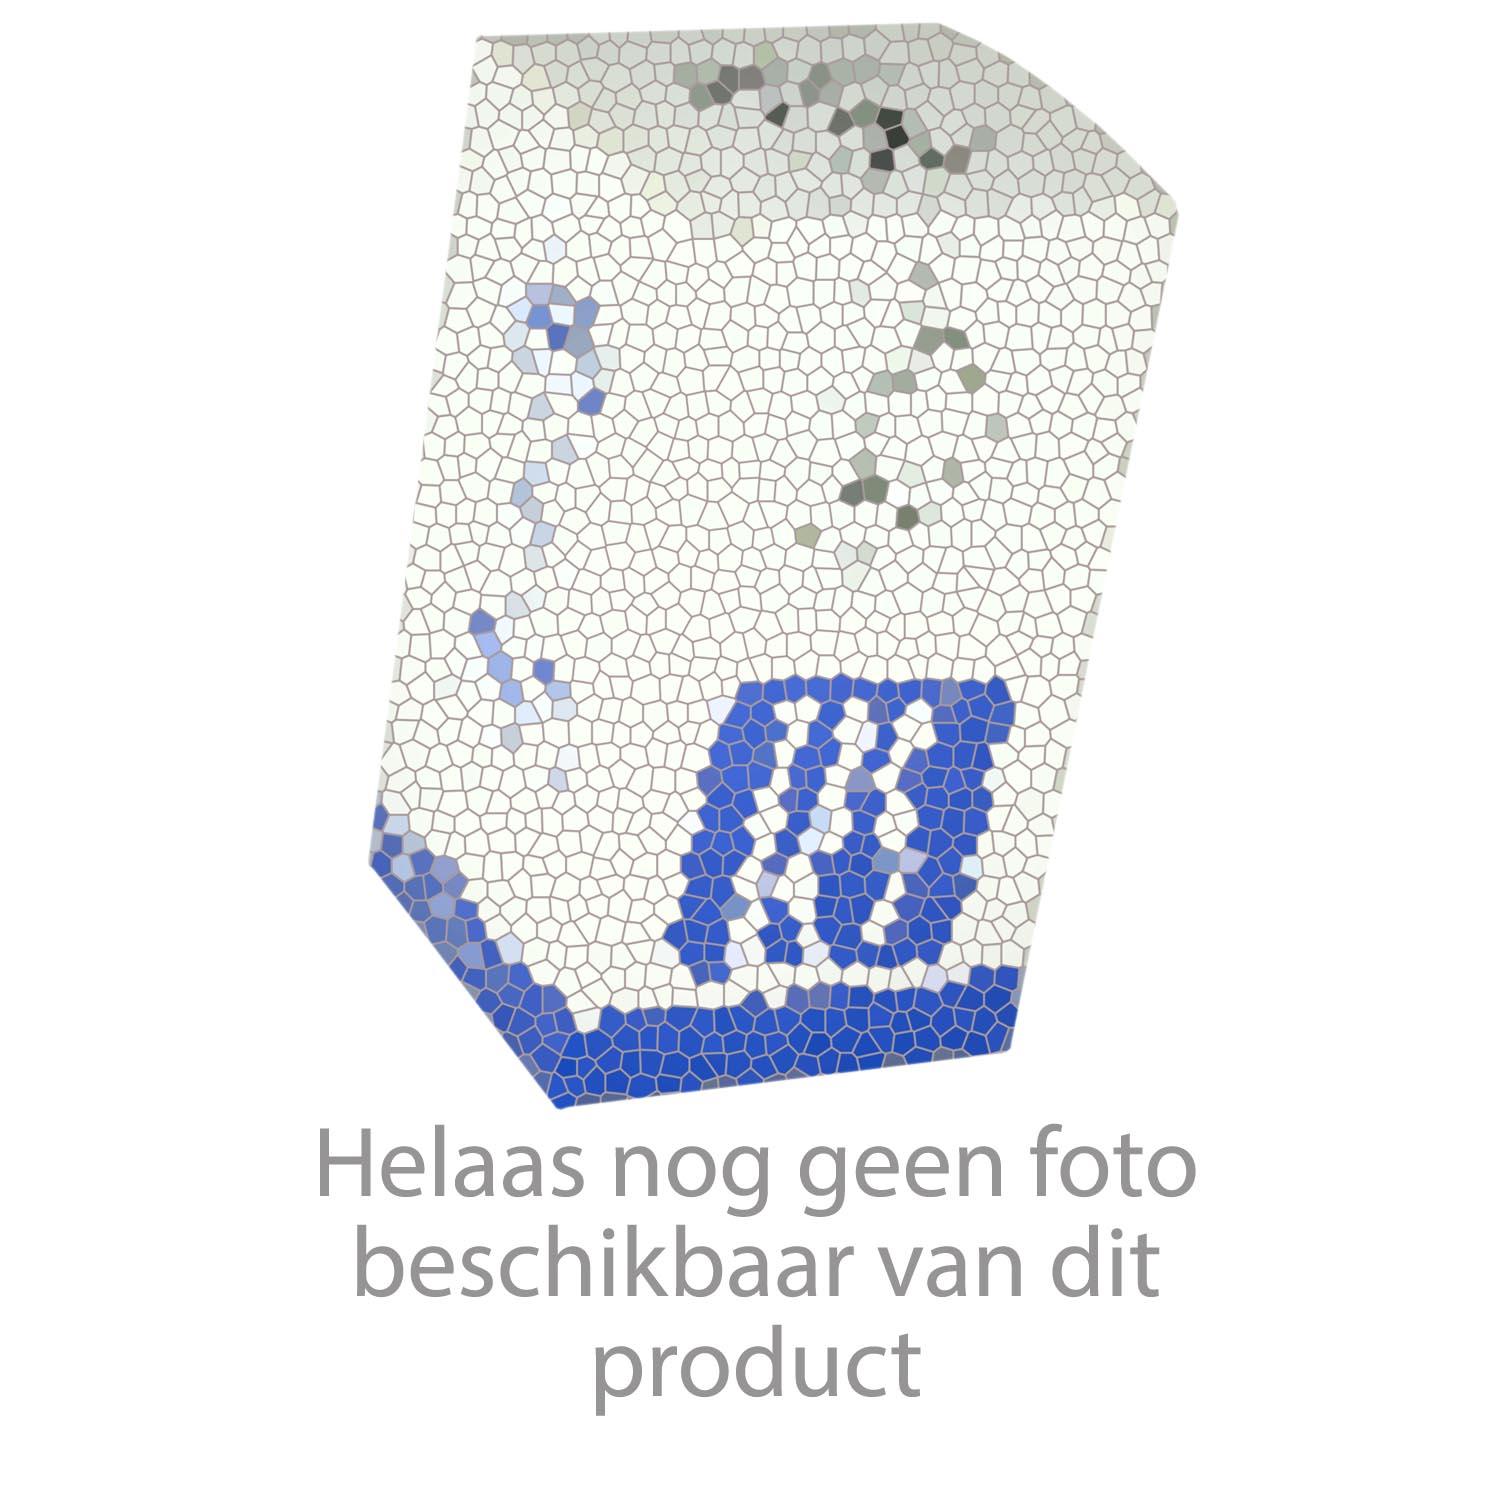 HansGrohe Keukenmengkranen Allegra Uno productiejaar > 05/01 14850 onderdelen